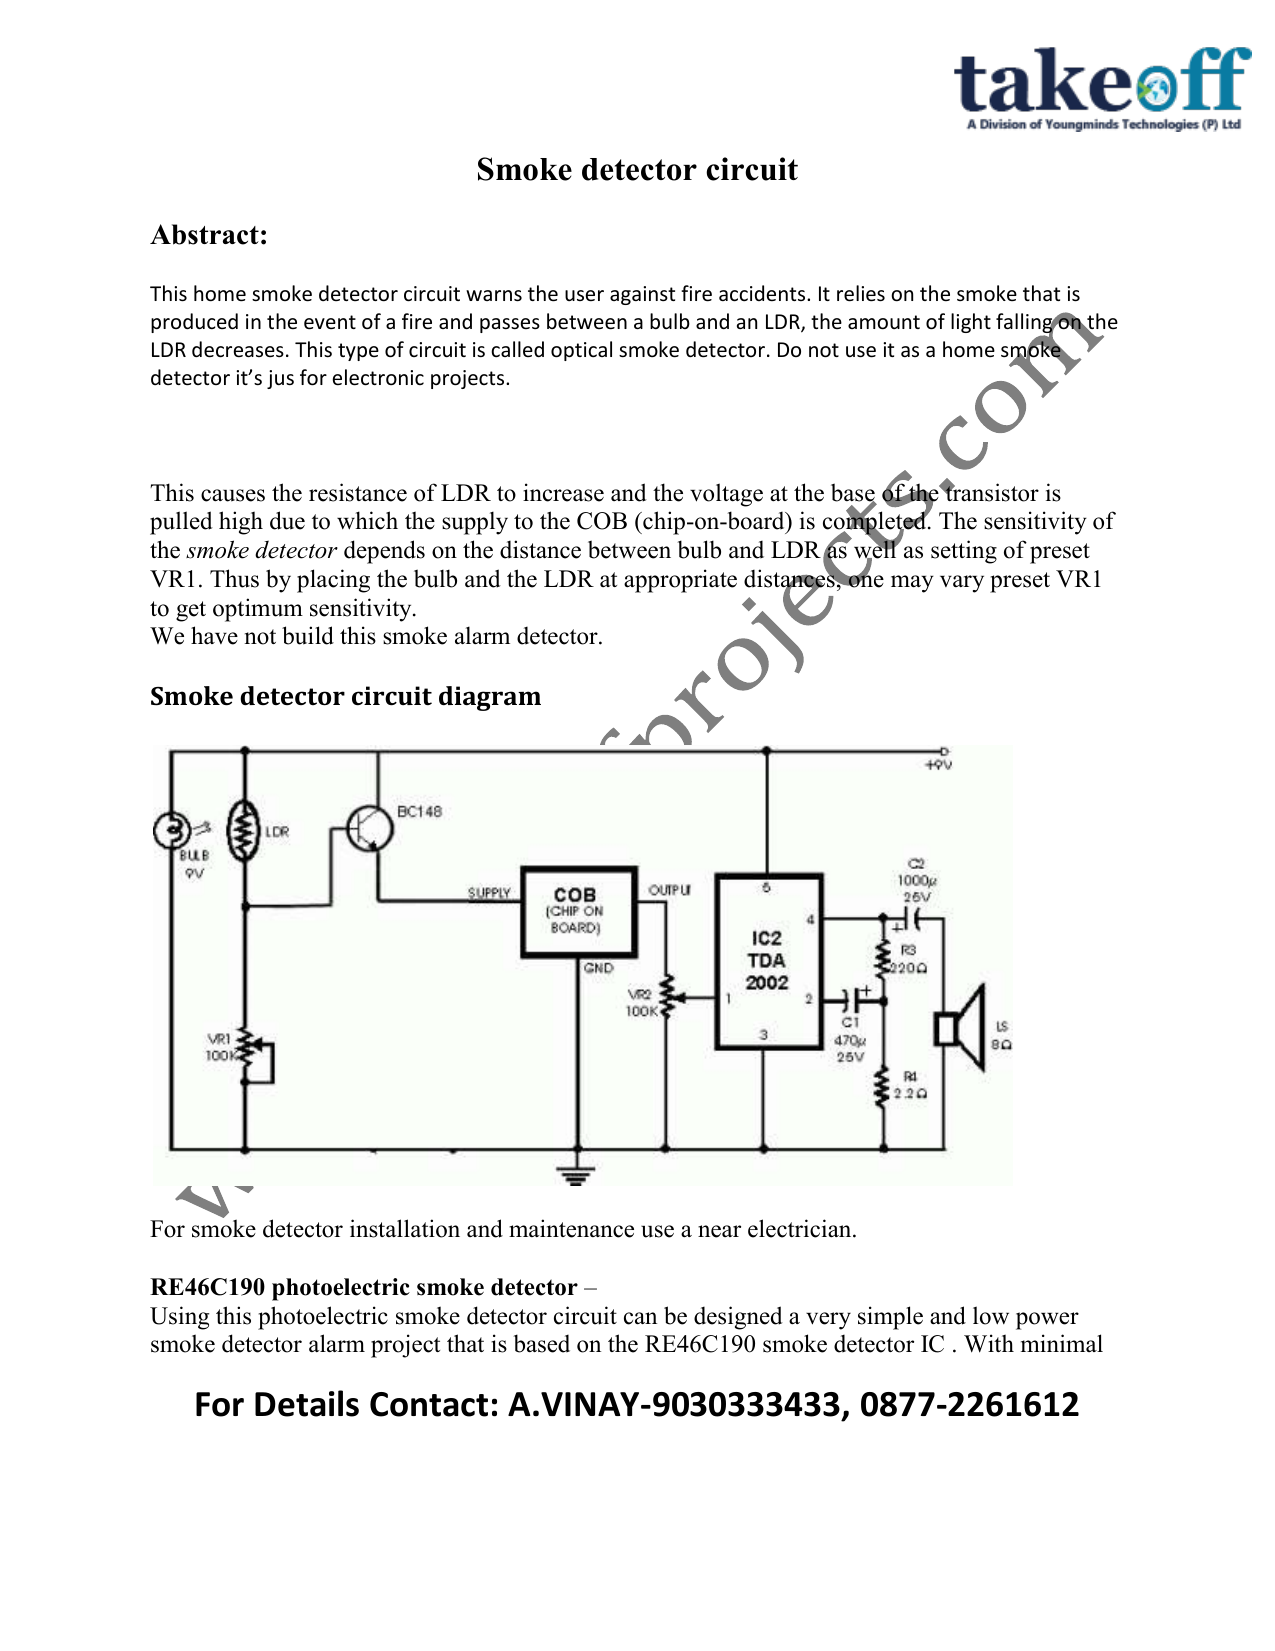 Smoke detector circuit diagram